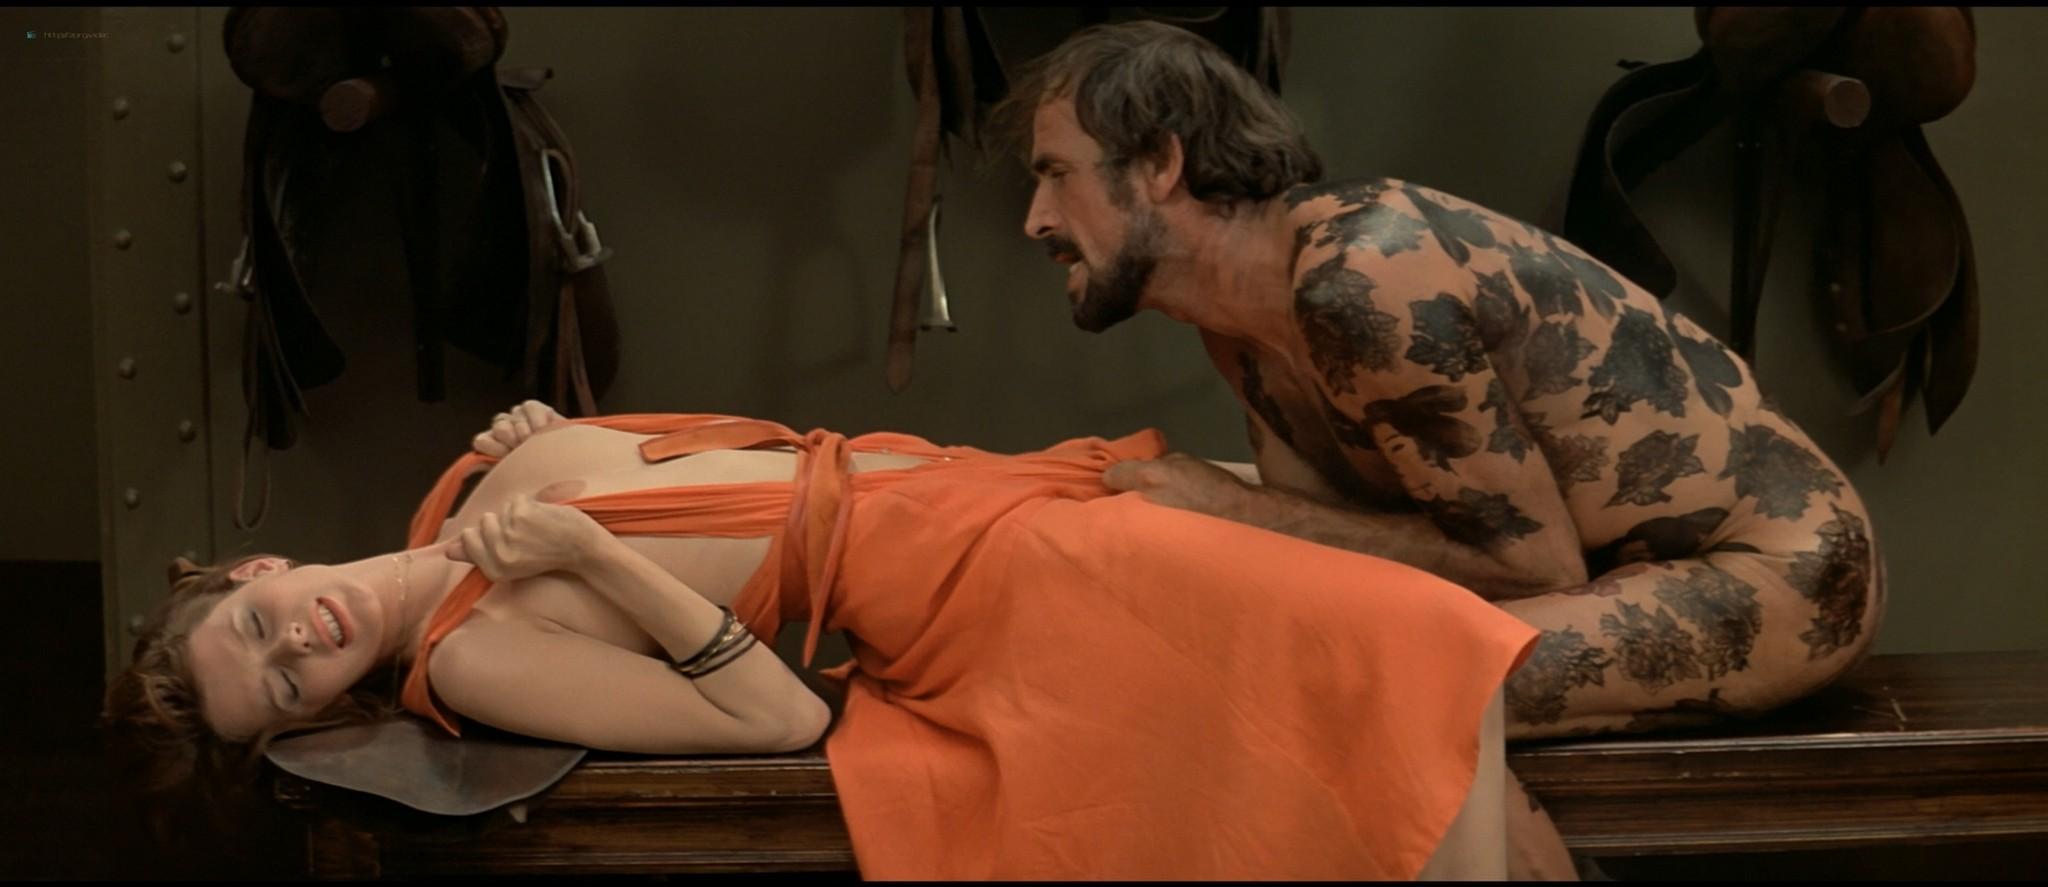 Sylvia Kristel nude sex threesome Catherine Rivet, Laura Gemser nude - Emmanuelle 2 (1975) HD 1080p REMUX (25)